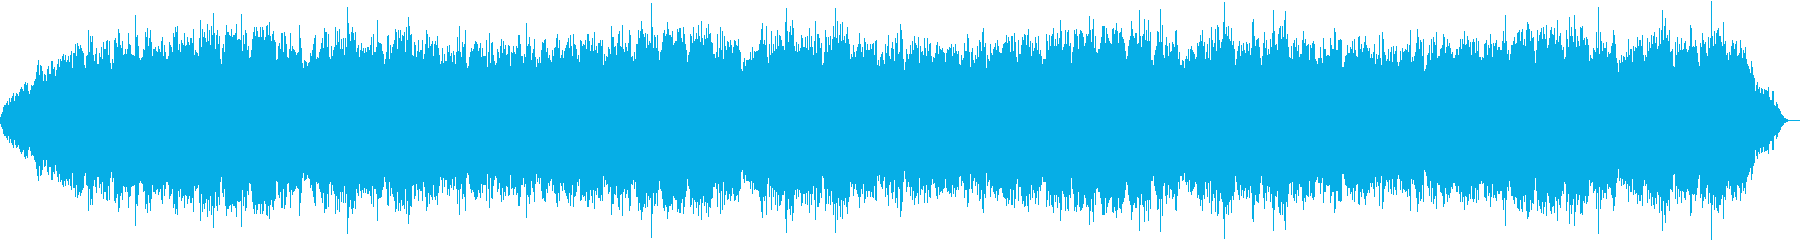 ヒーリング・サロン・瞑想に効果的の再生済みの波形